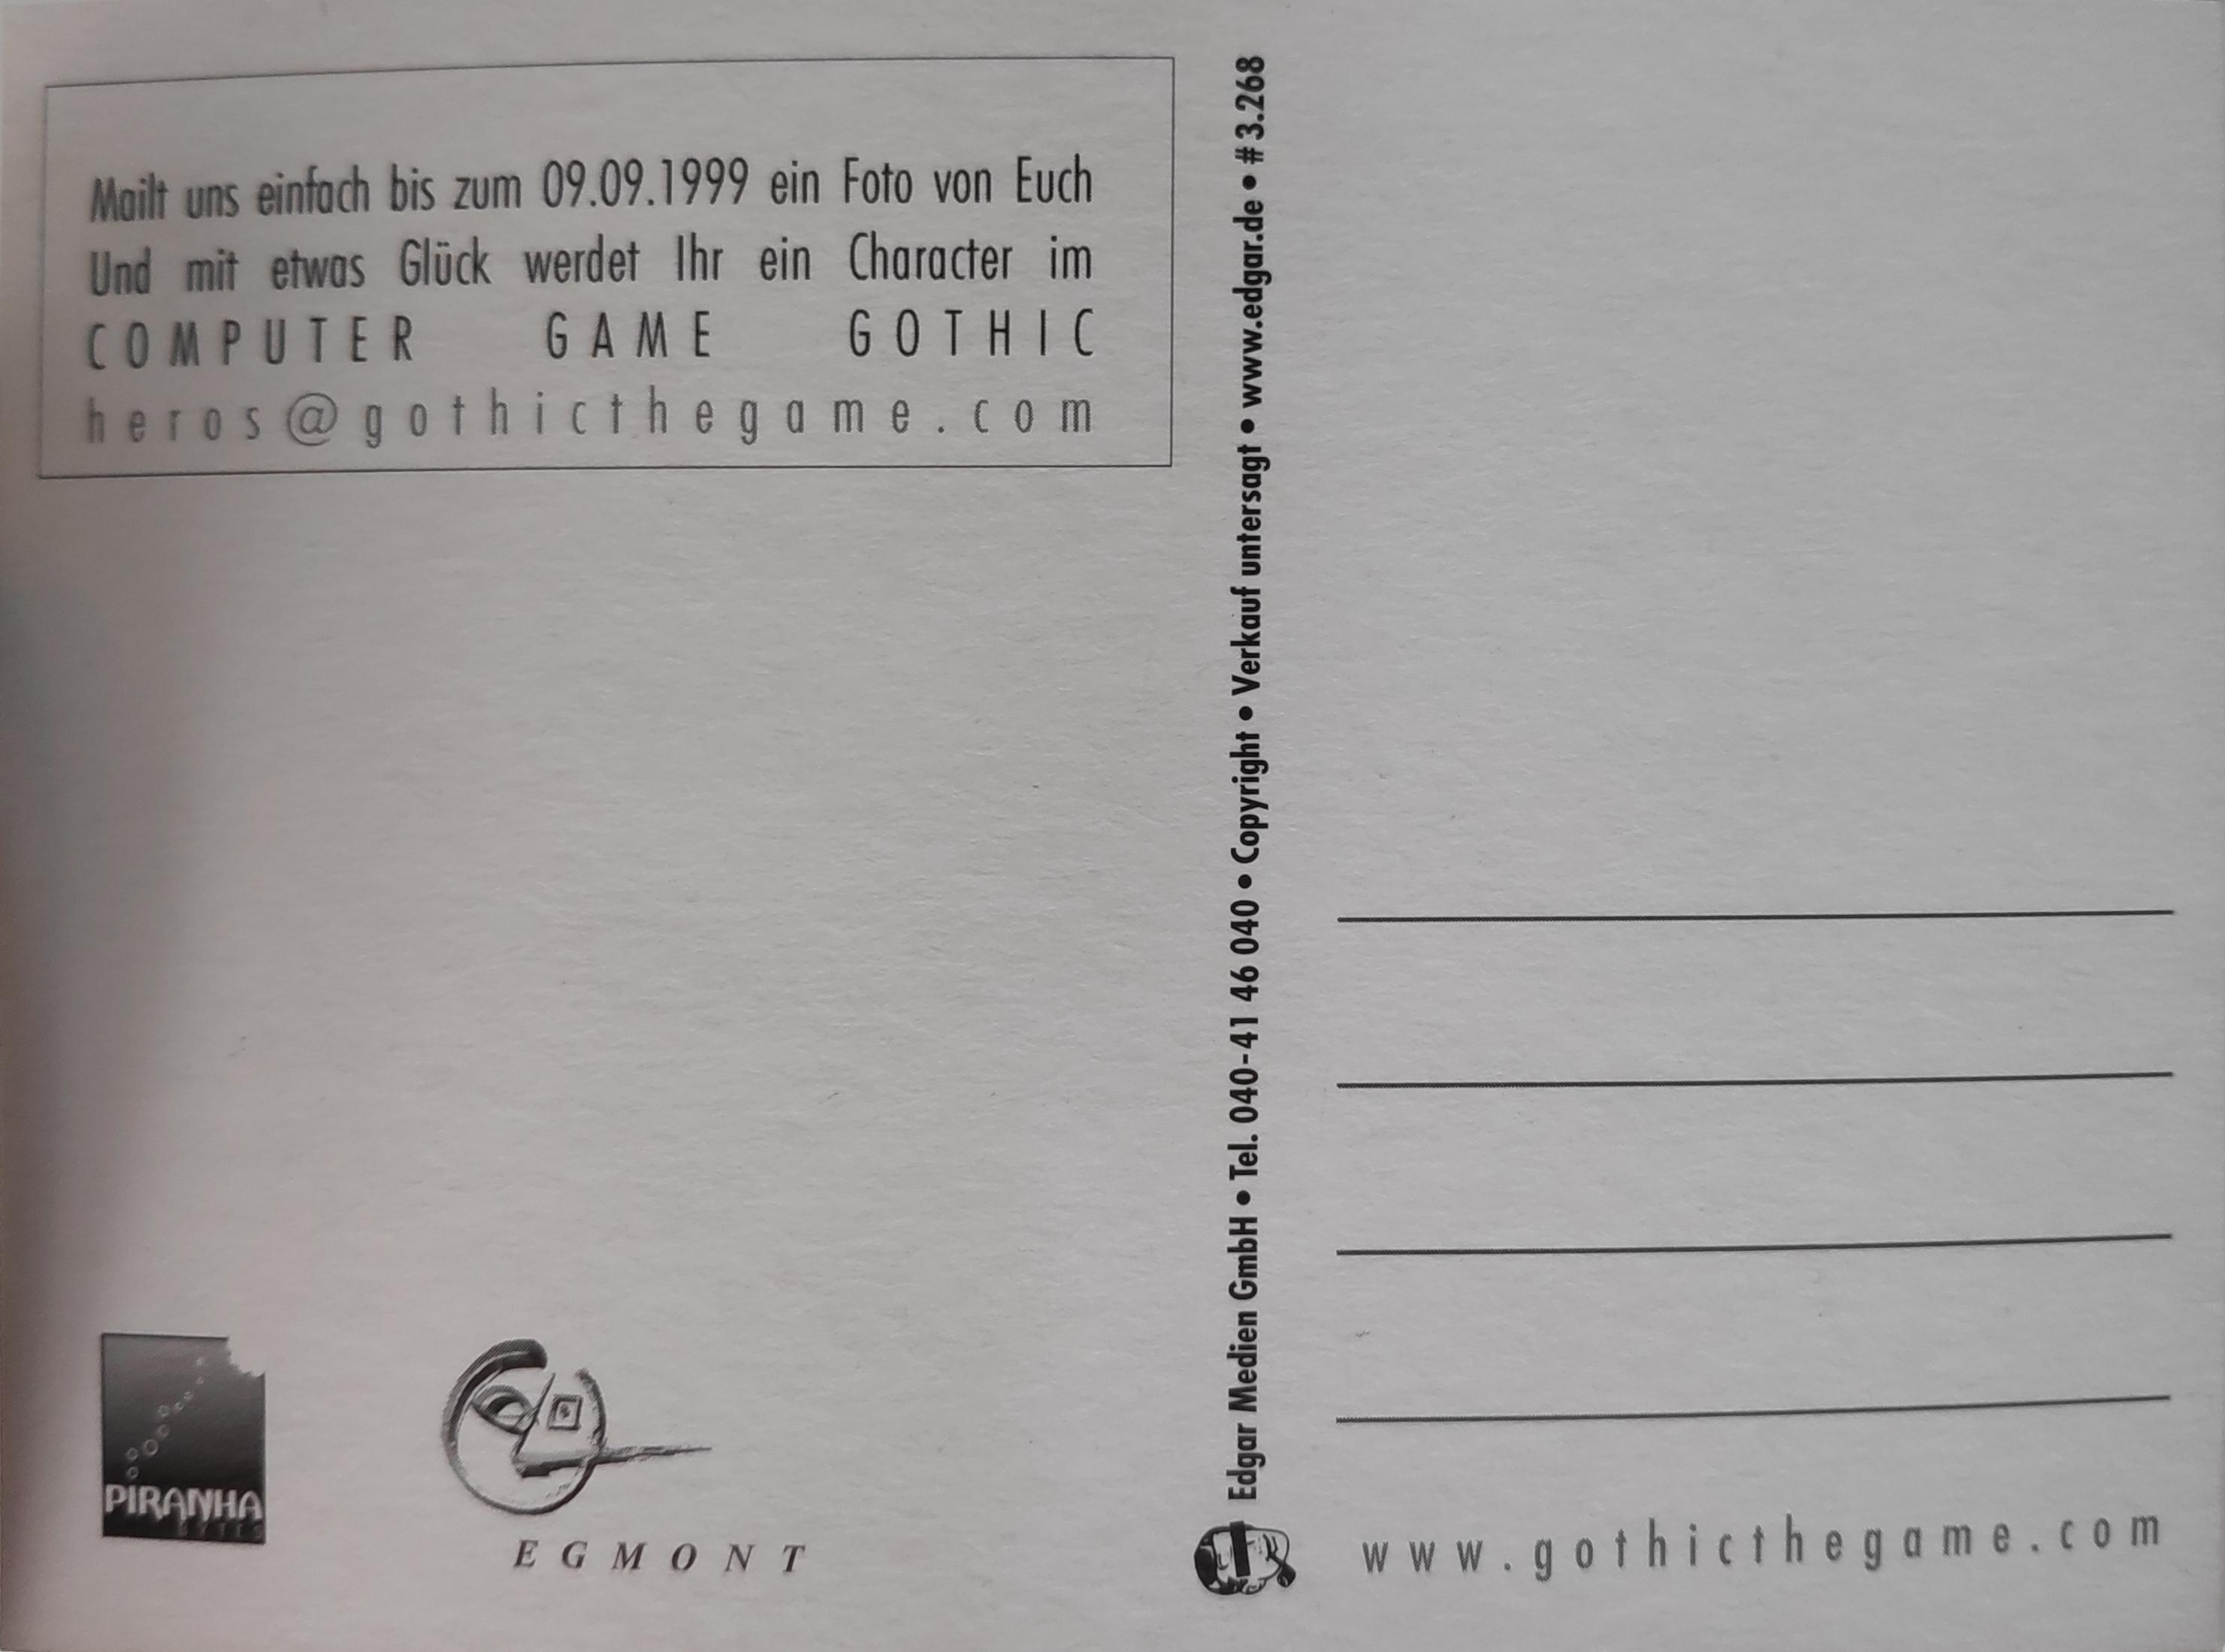 Edgar Karte Photo: 'Get Into the Game' Rückseite